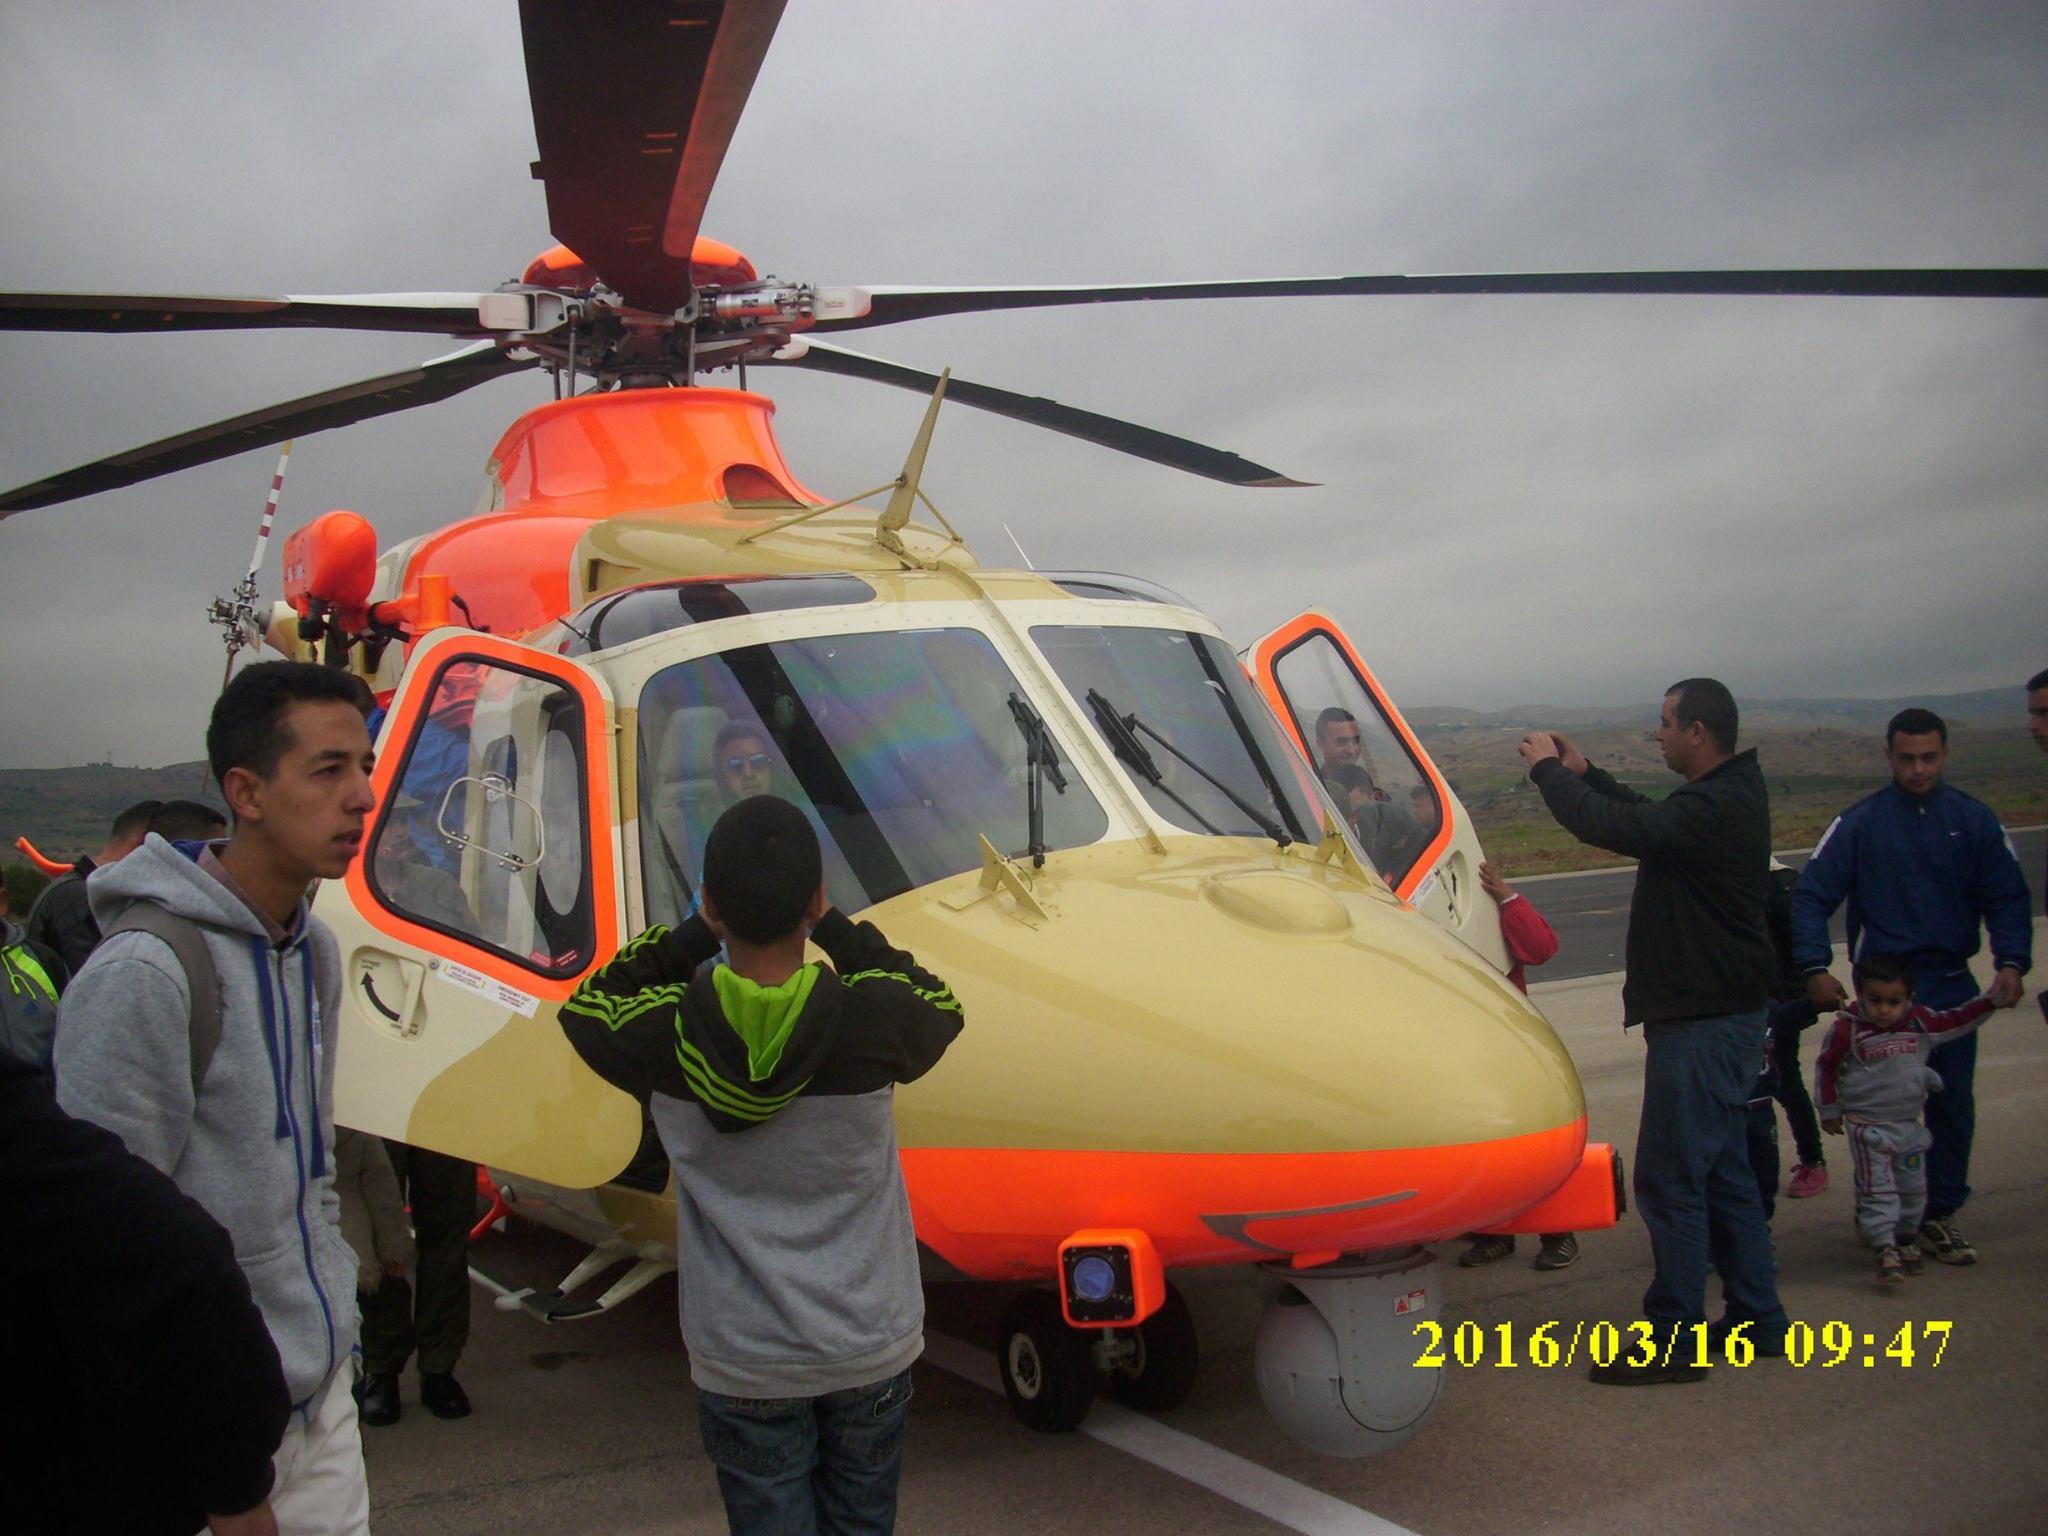 صور مروحيات القوات الجوية الجزائرية  [ AW-139 SAR ] - صفحة 2 25274425544_dbf3092d88_o